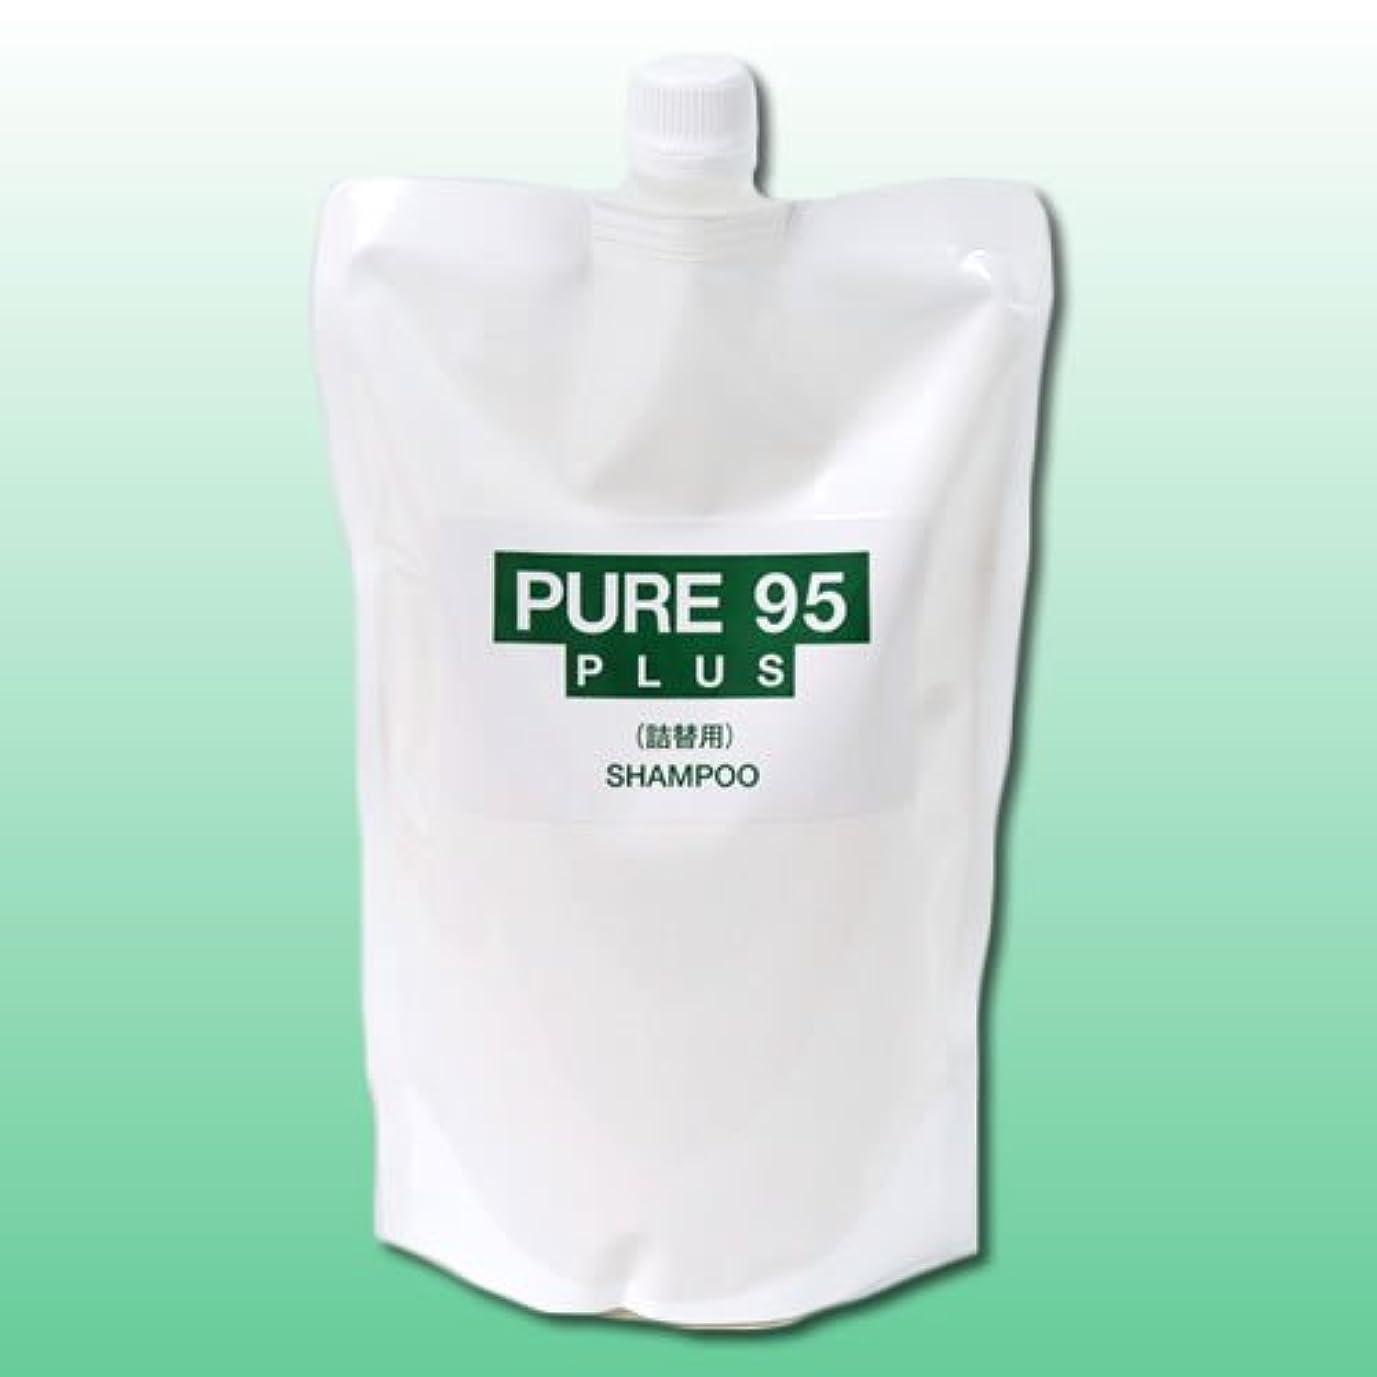 頼む刈る敬意を表するパーミングジャパン PURE95(ピュア95) プラスシャンプー 700ml (草原の香り) 詰替用